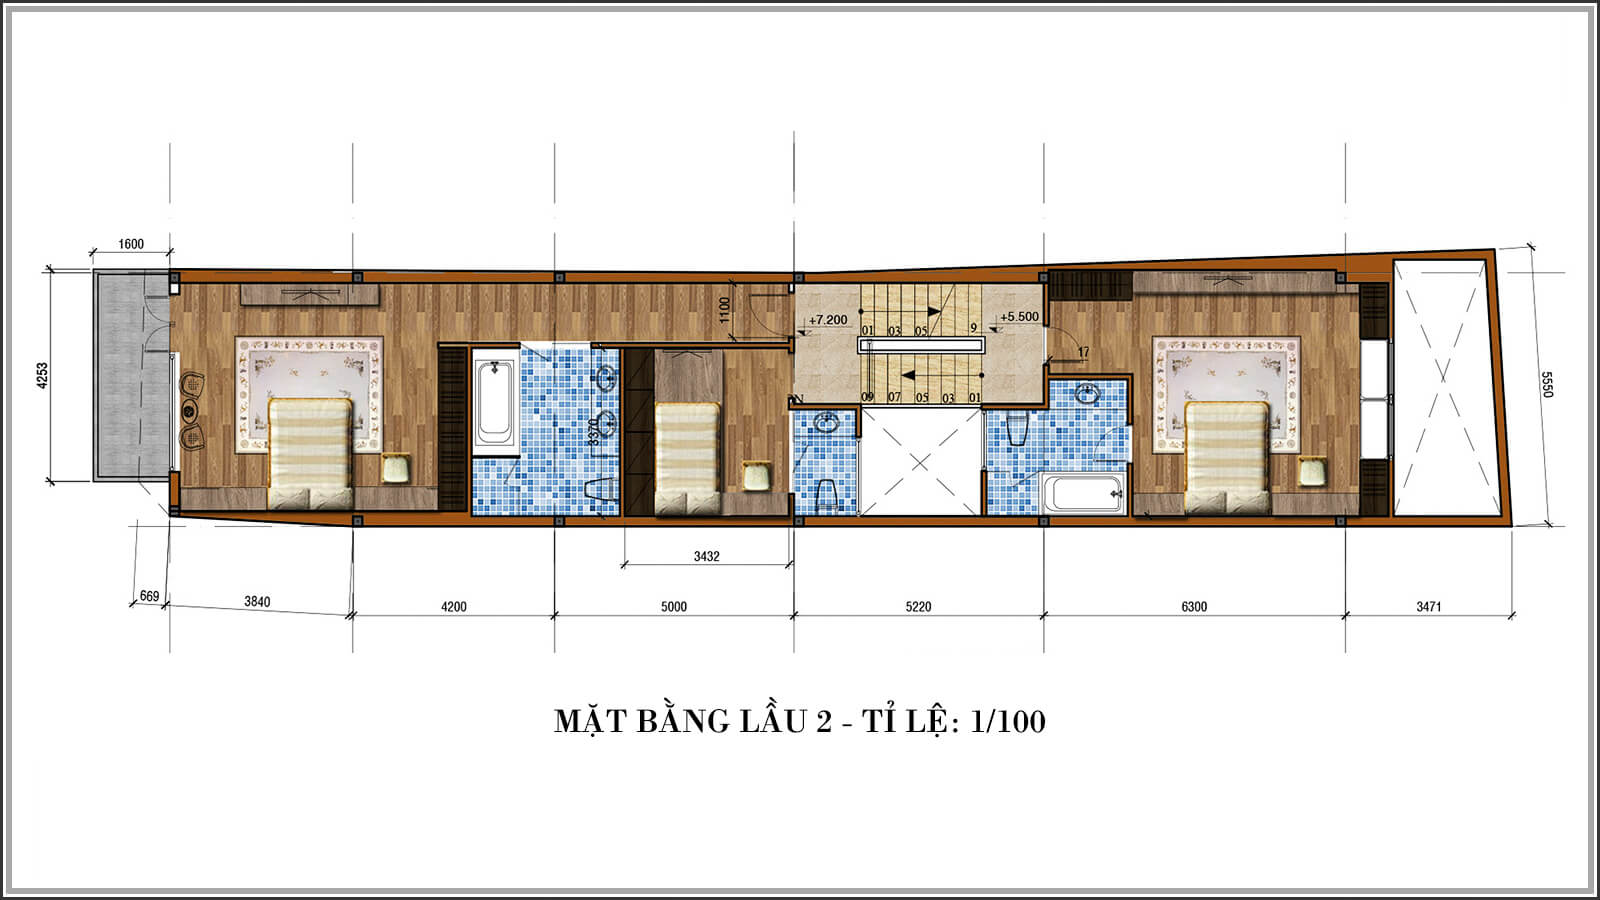 Mặt bằng lầu 2 Tư vấn thiết kế nhà phố mặt tiền 5m kết hợp kinh doanh tại Tân Bình - 05